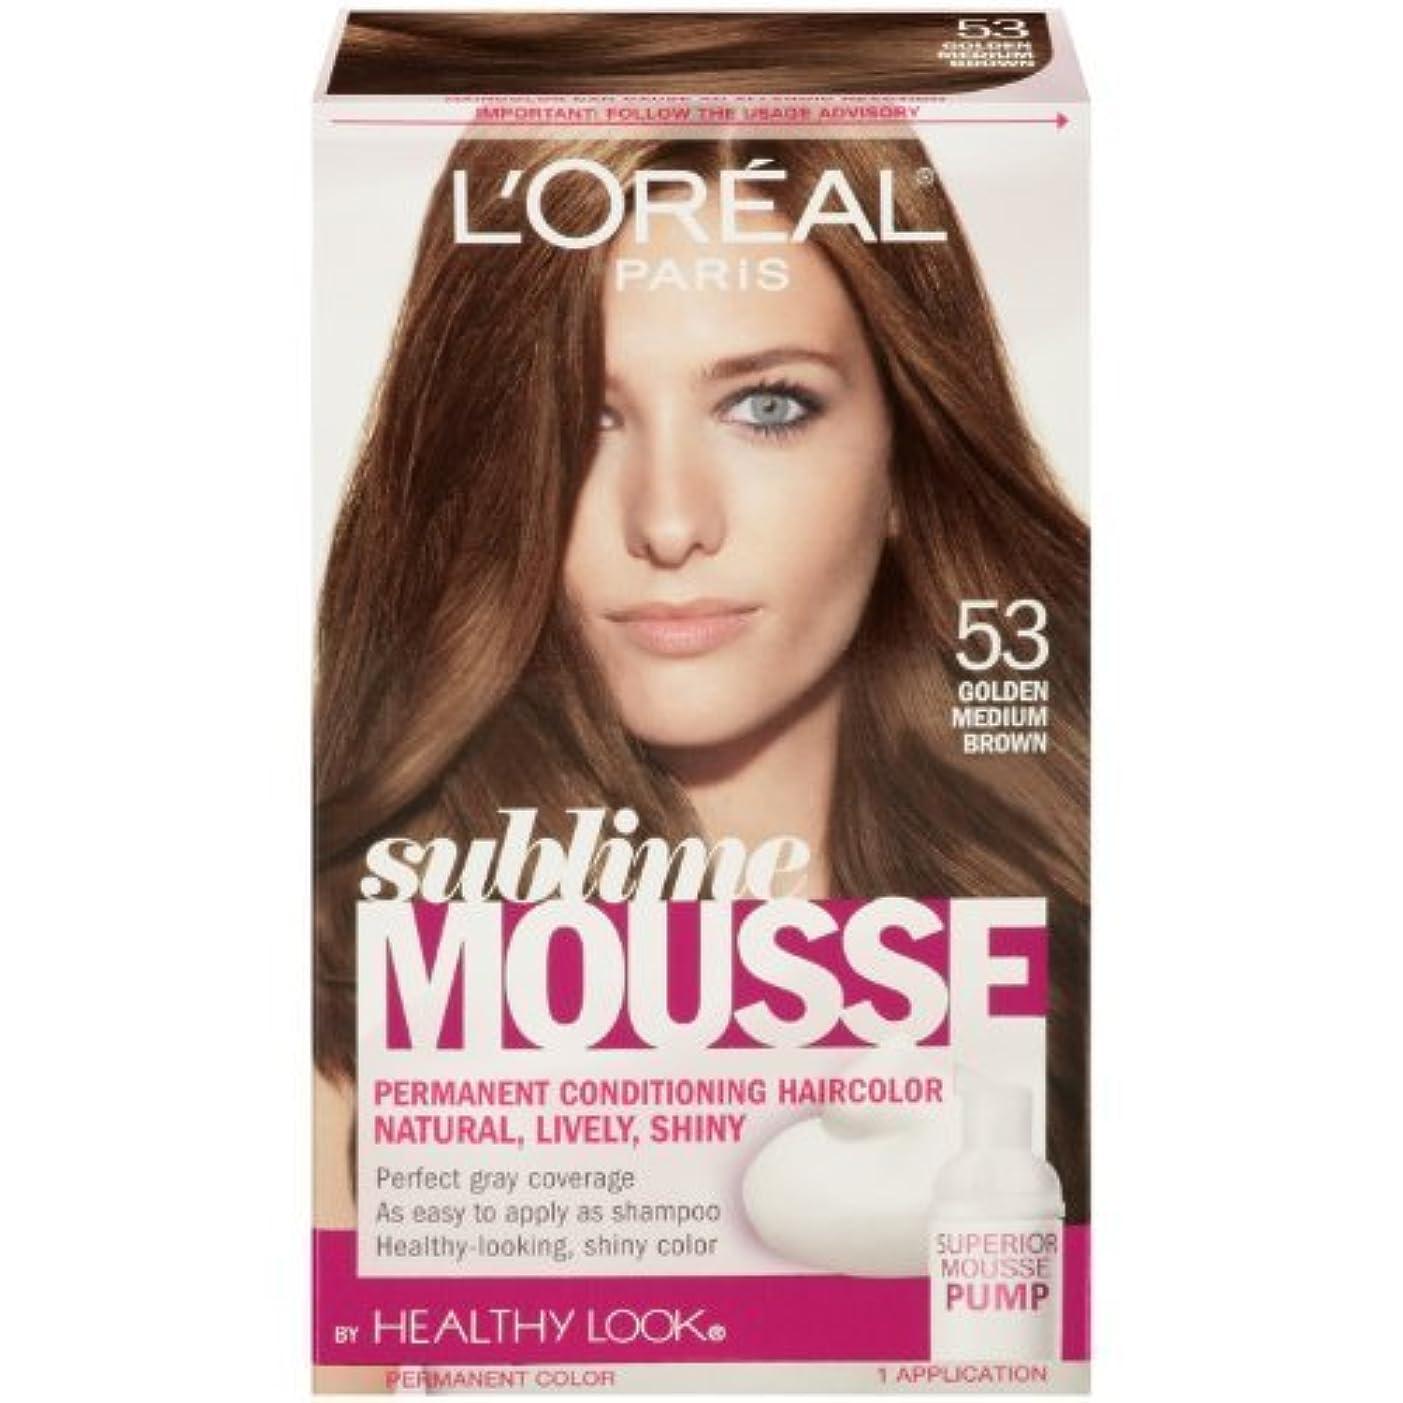 荒野意志に反するスラム街L'Oreal Paris Sublime Mousse by Healthy Look Hair Color, 53 Golden Medium Brown by SUBLIME MOUSSE [並行輸入品]